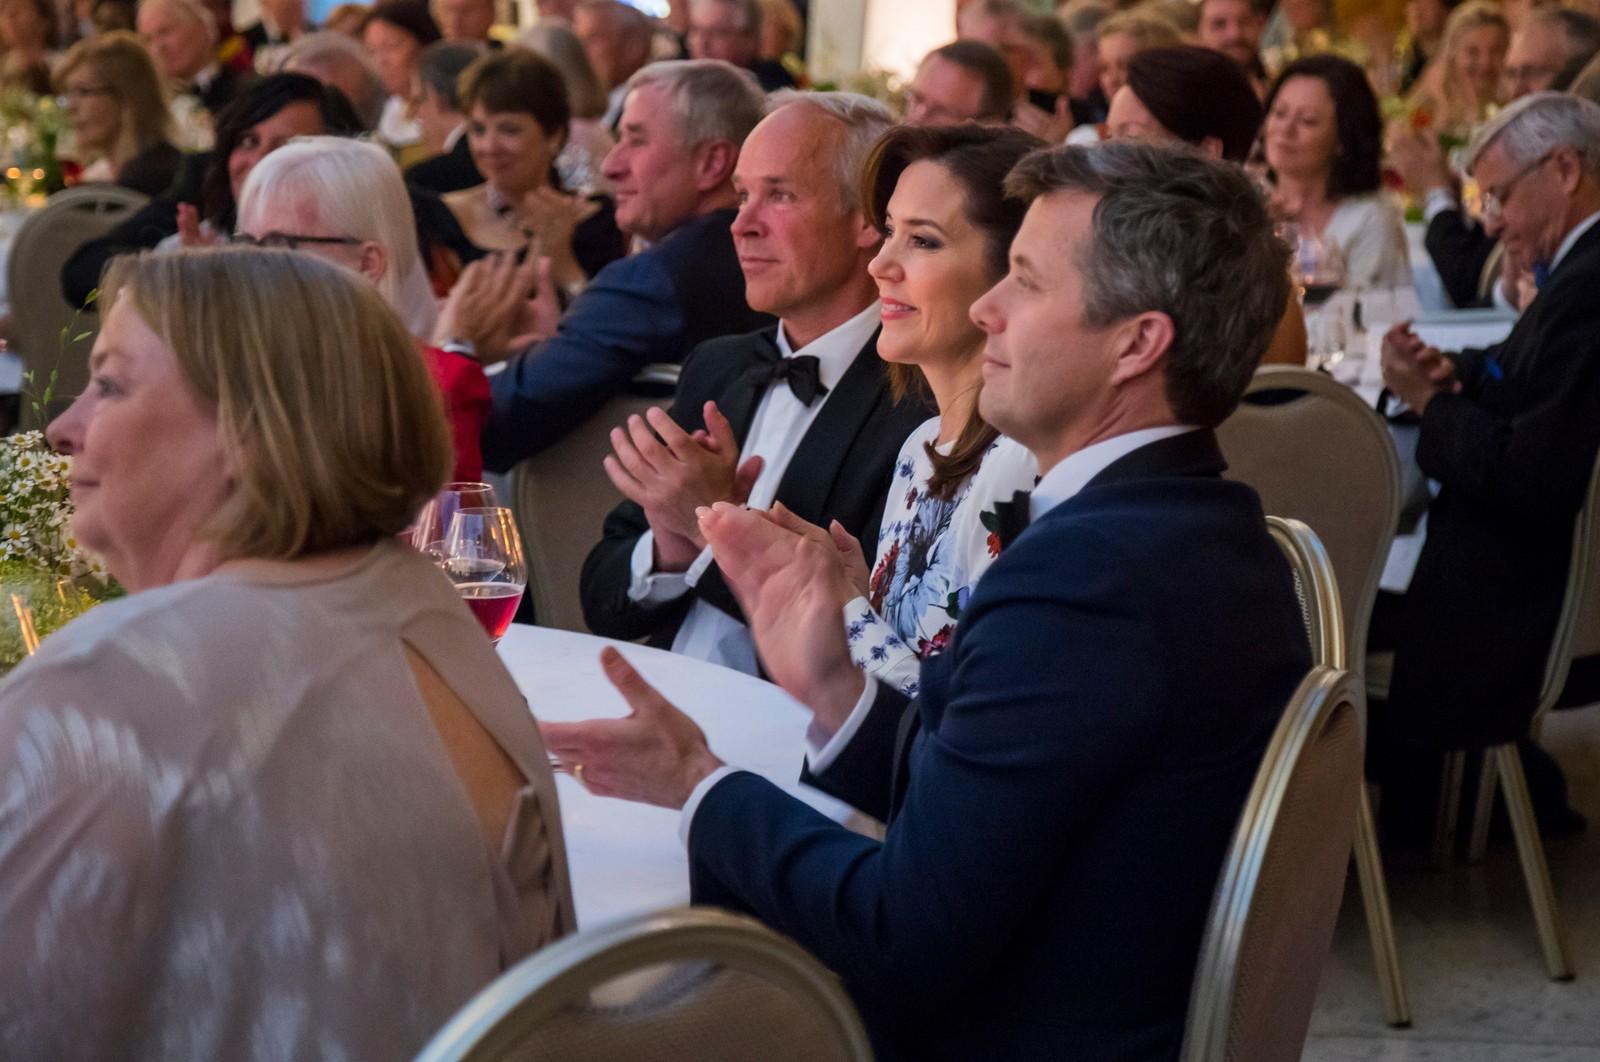 Kommunalminister Jan Tore Sanner, kronprinsesse Mary og kronprins Frederik av Danmark under regjeringens festmiddag for kongeparet i Operaen i anledning deres 80-årsfeiring.